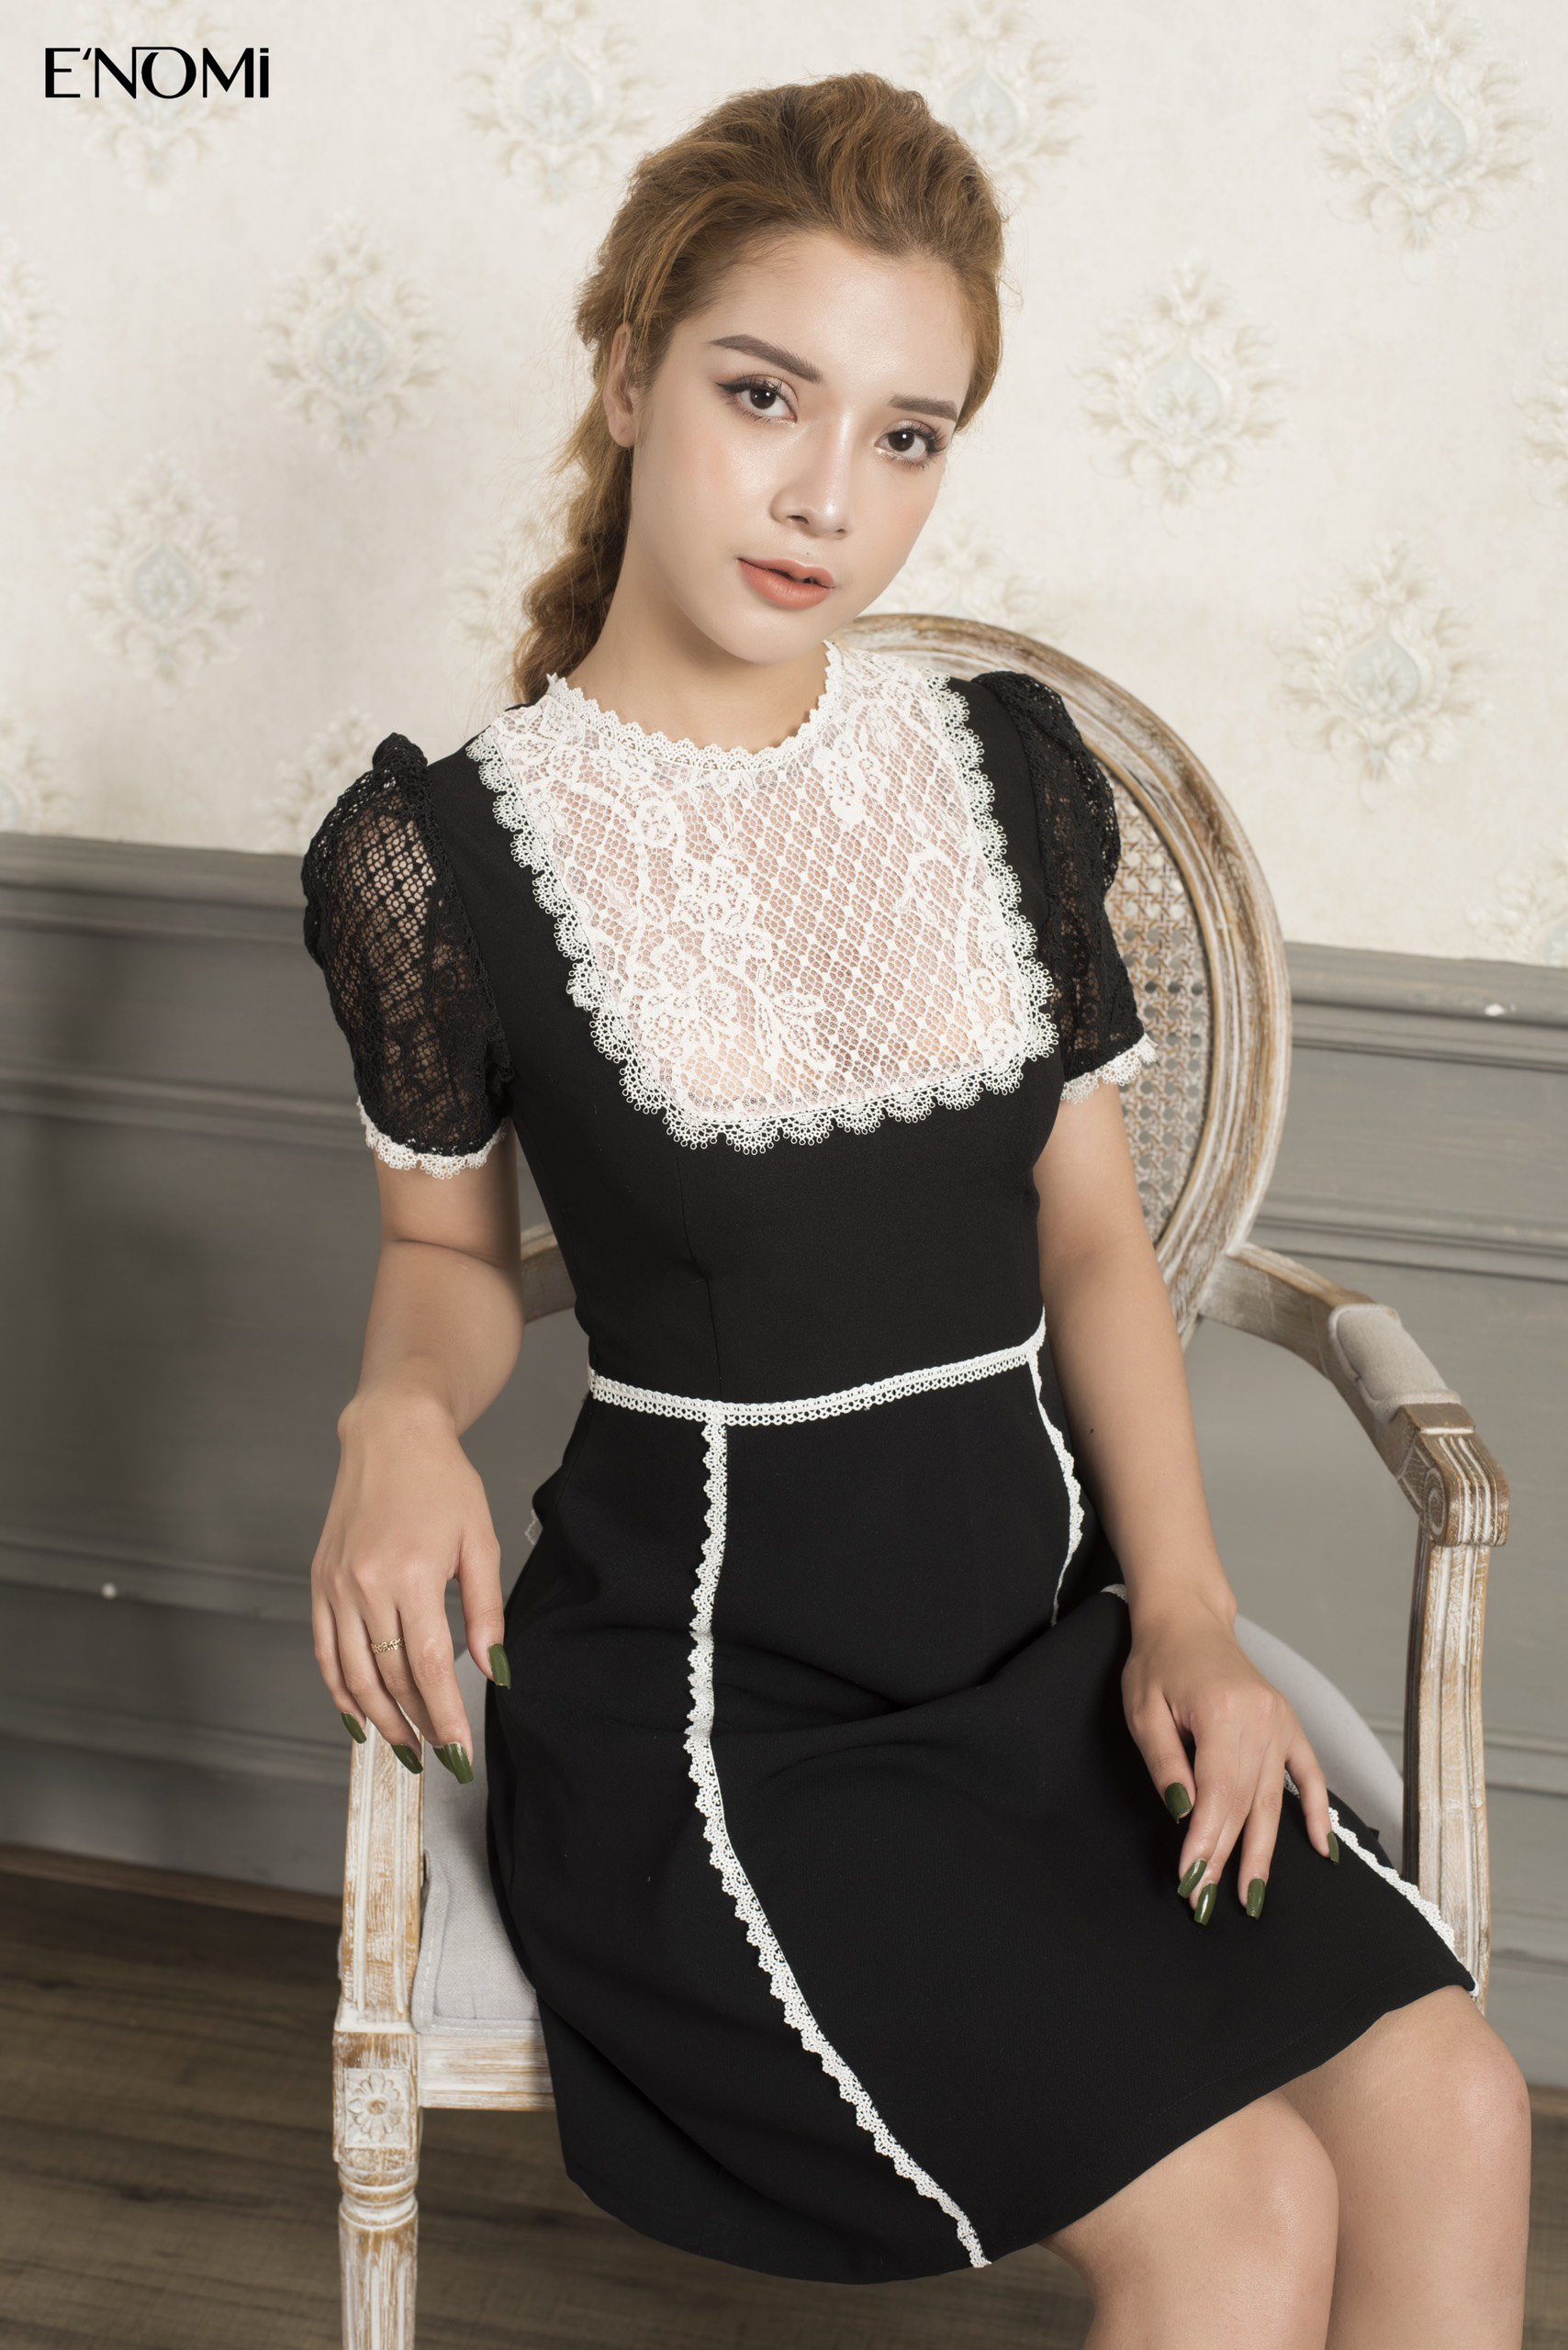 Săn sale Black Friday áo dài truyền thống và đầm tiệc đồng loạt giảm giá 50% - Ảnh 7.